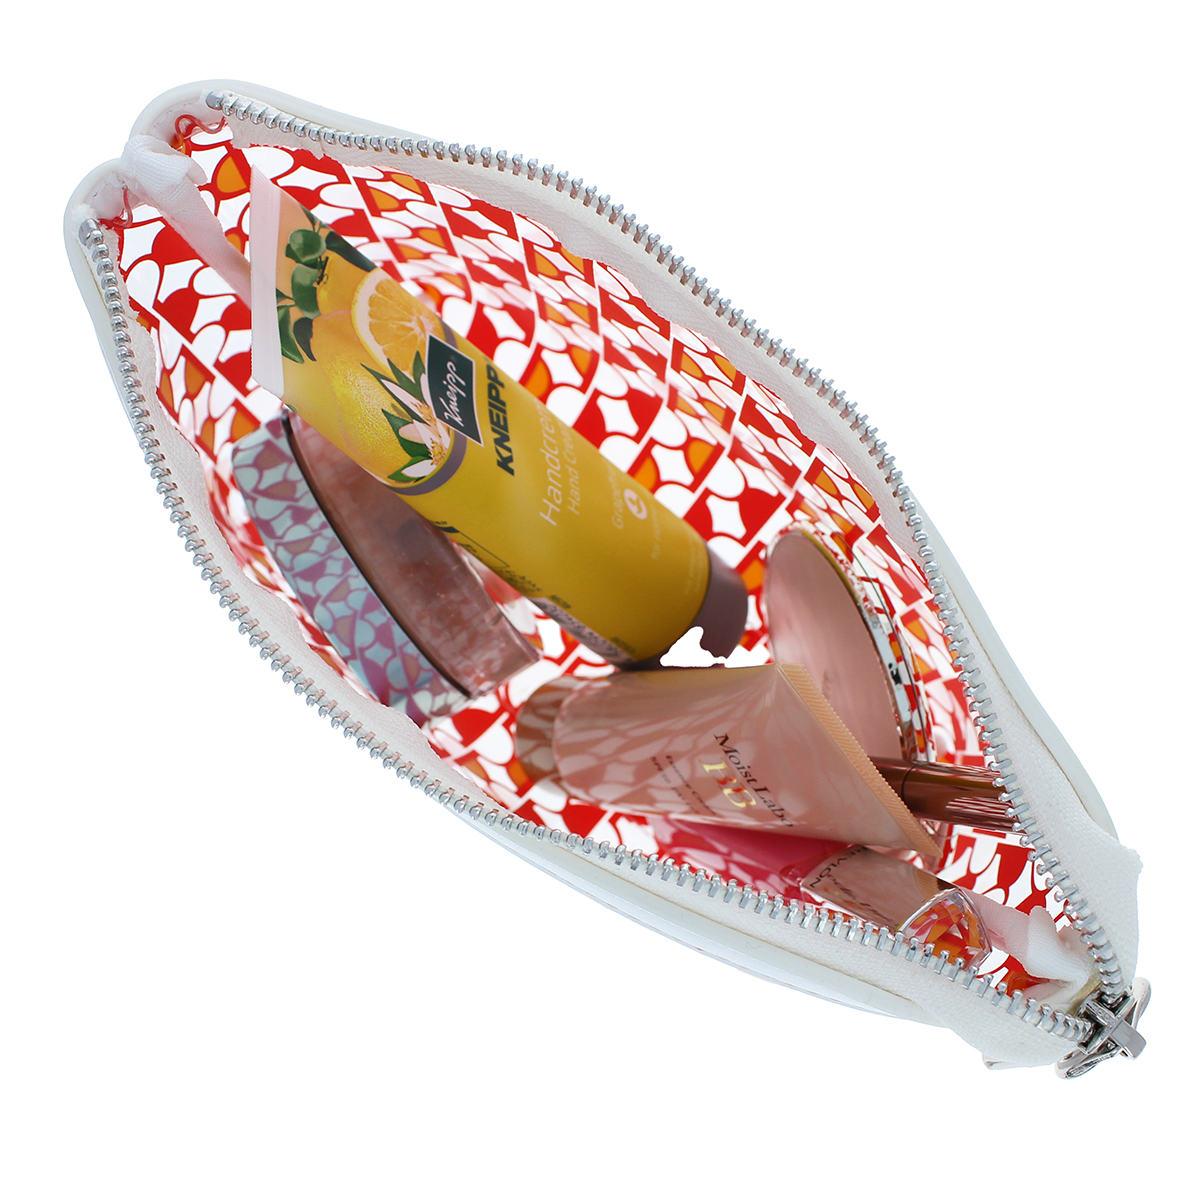 【21年SS新作】PICONE ピッコーネ 人気ブランド コスメポーチ ポーチ クリア ボート型 ギフト プレゼント ファッション ファッショングッズ